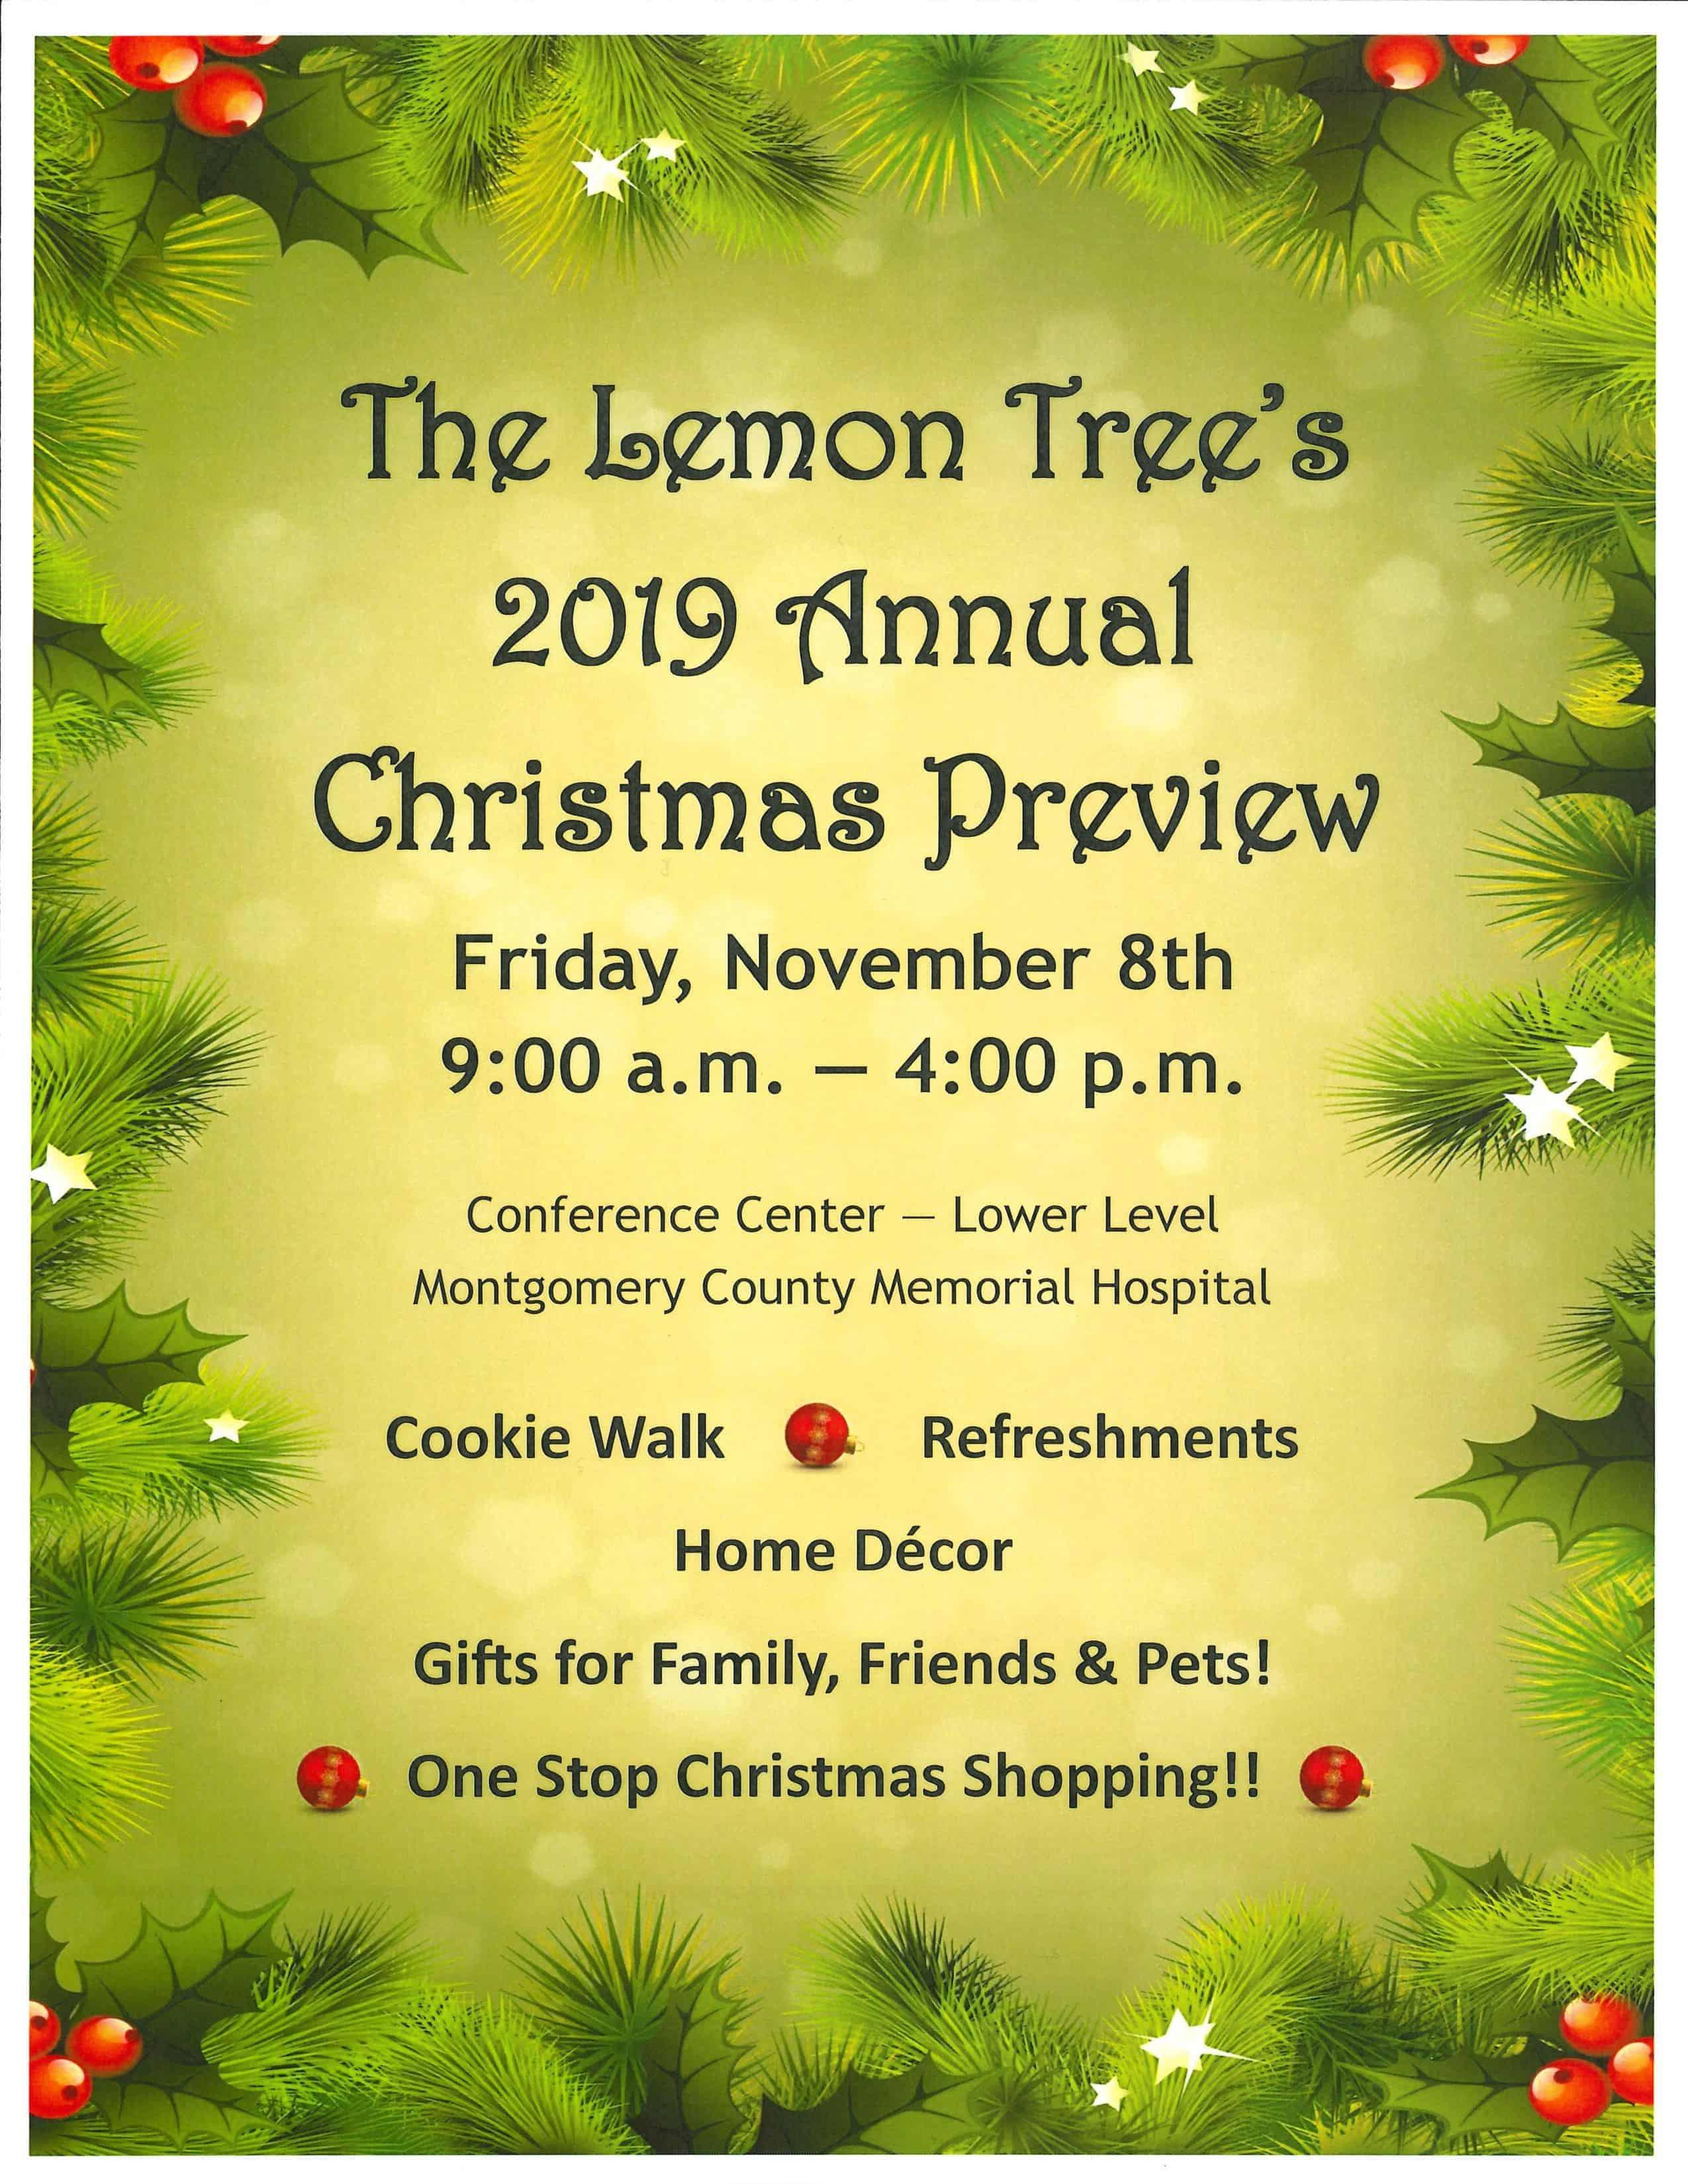 Lemon Tree Christmas Preview